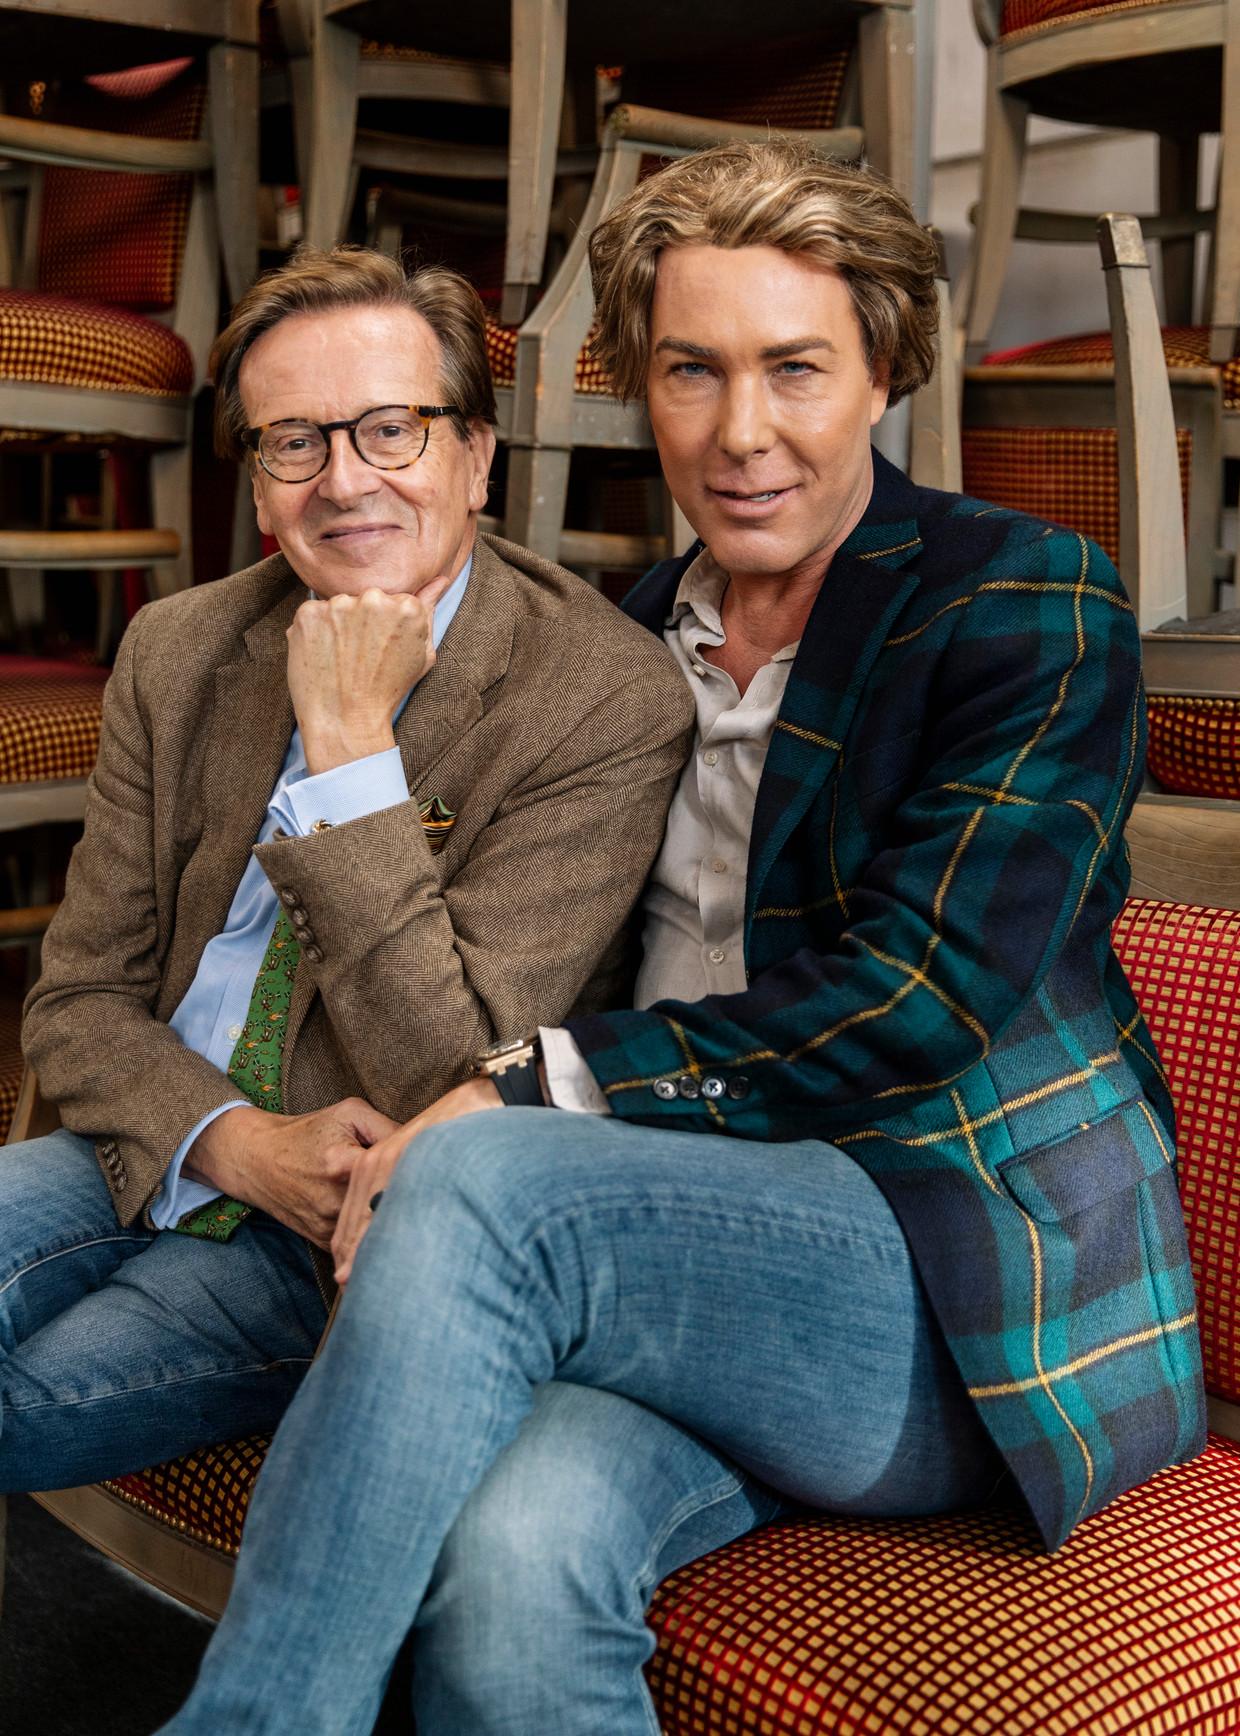 Frank Jansen (links) en Rogier Smit, de mannen achter het tv-programma Paleis voor een prikkie. Jansen: 'Afdingen heb ik mijn hele leven gedaan, dat doe ik niet ineens voor de televisie.'  Beeld Lin Woldendorp